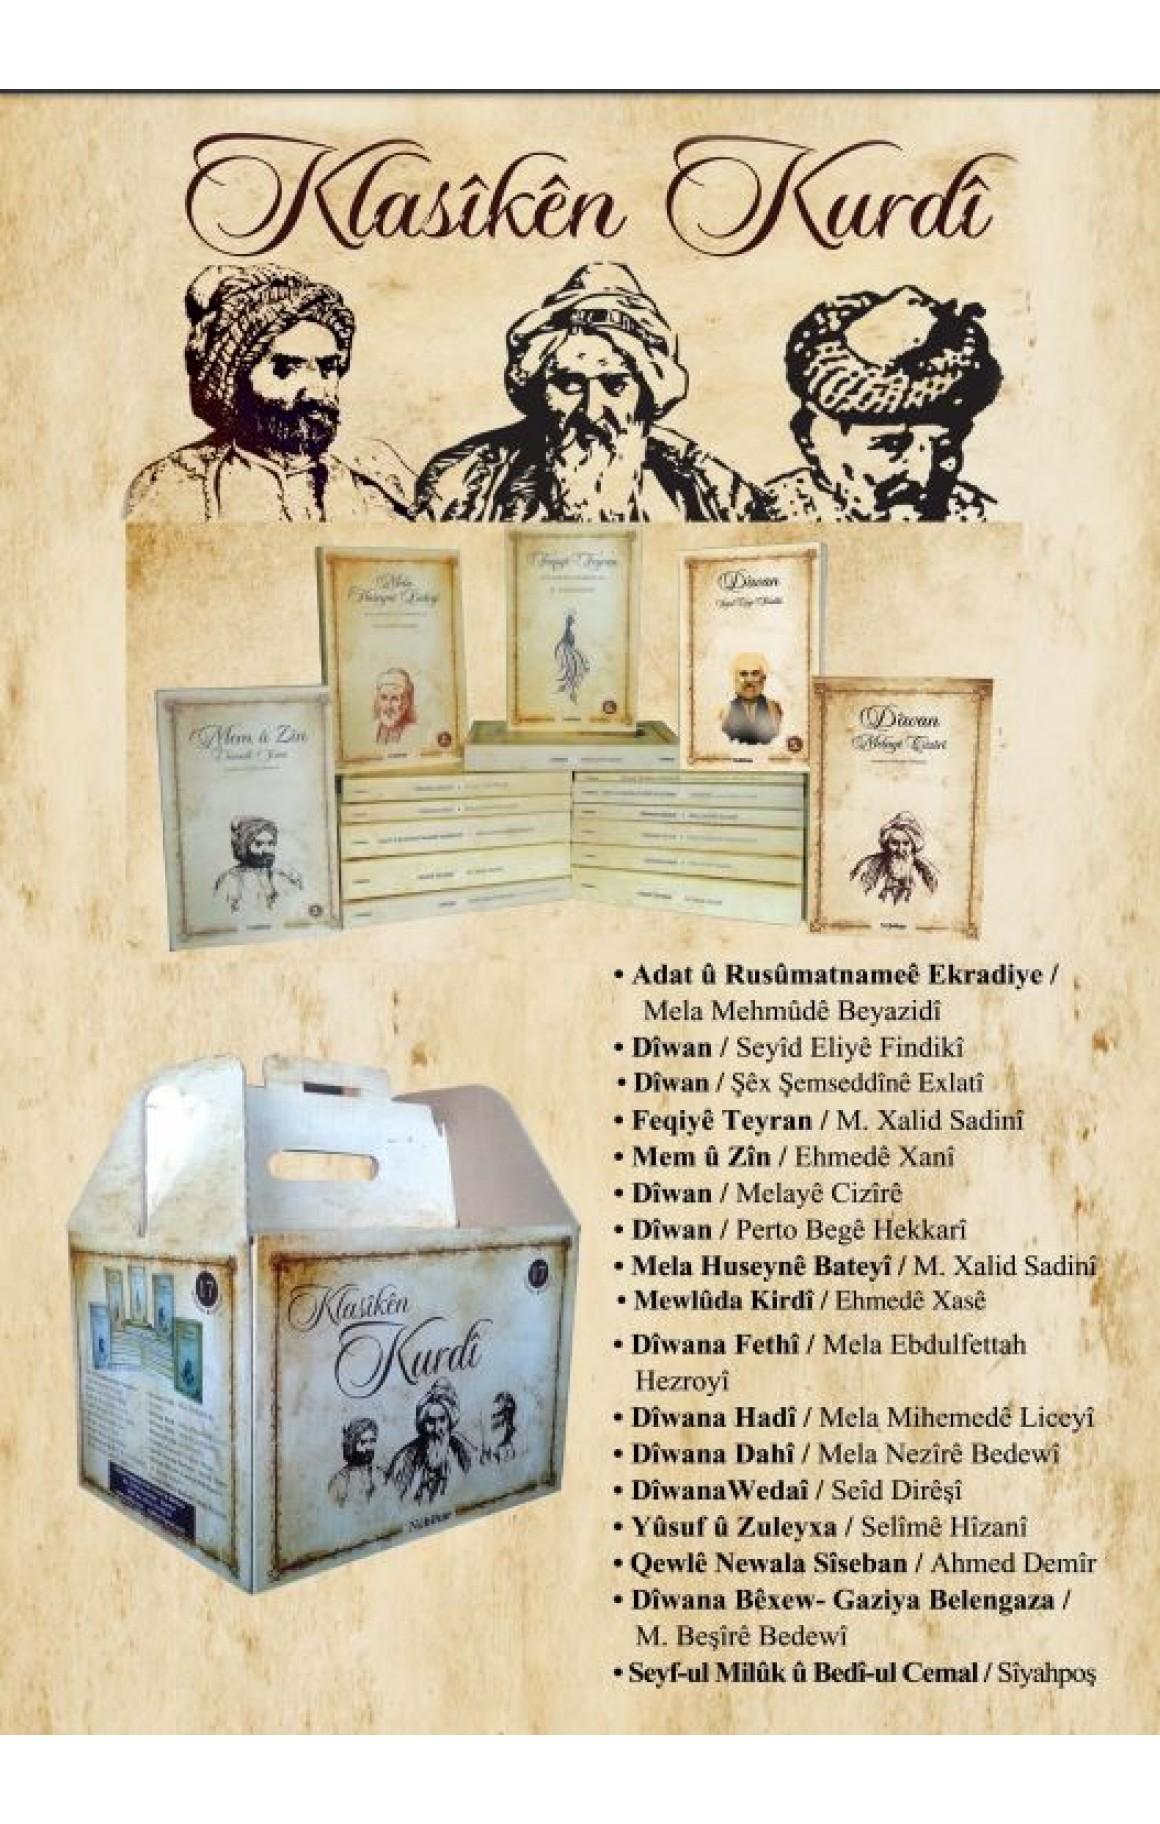 Klasikên Kurdî